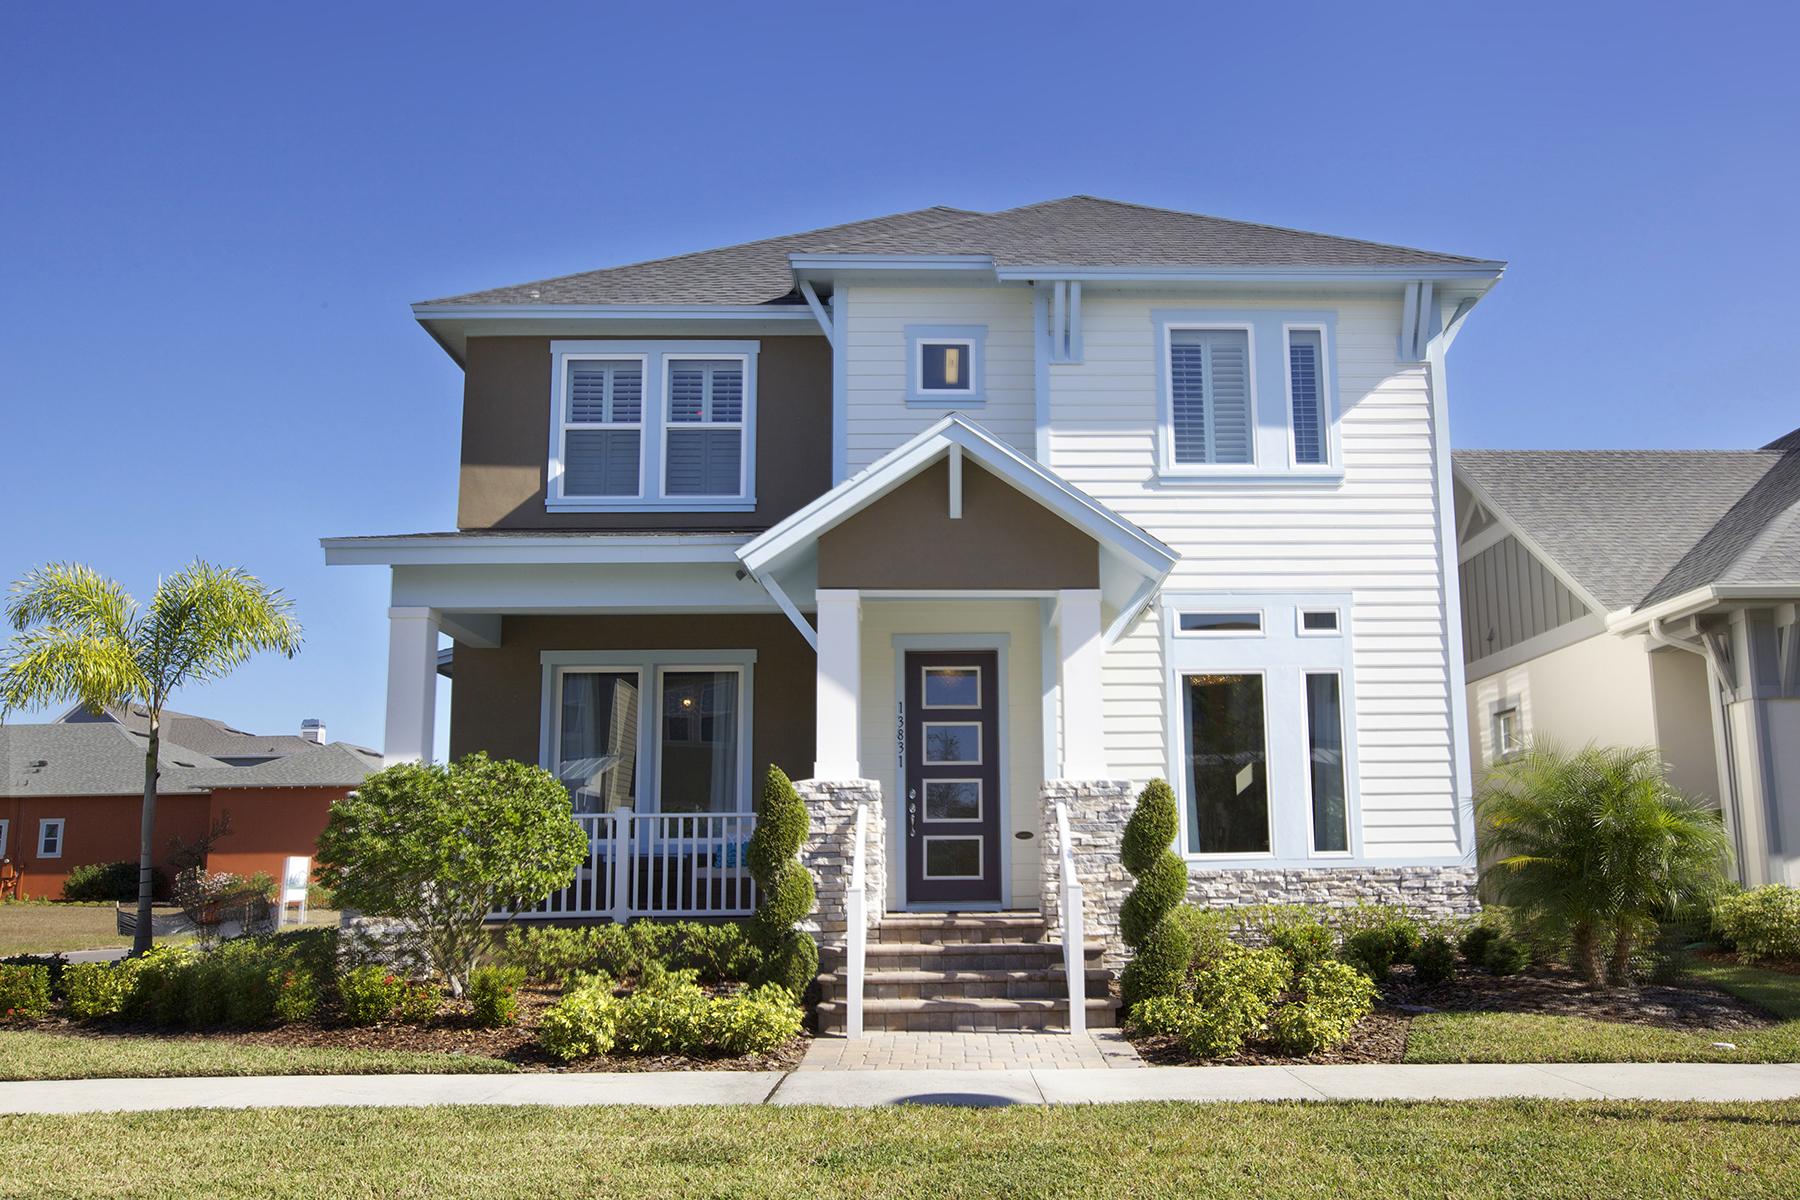 Tek Ailelik Ev için Satış at ORLANDO 13831 Briand Ave Orlando, Florida, 32827 Amerika Birleşik Devletleri